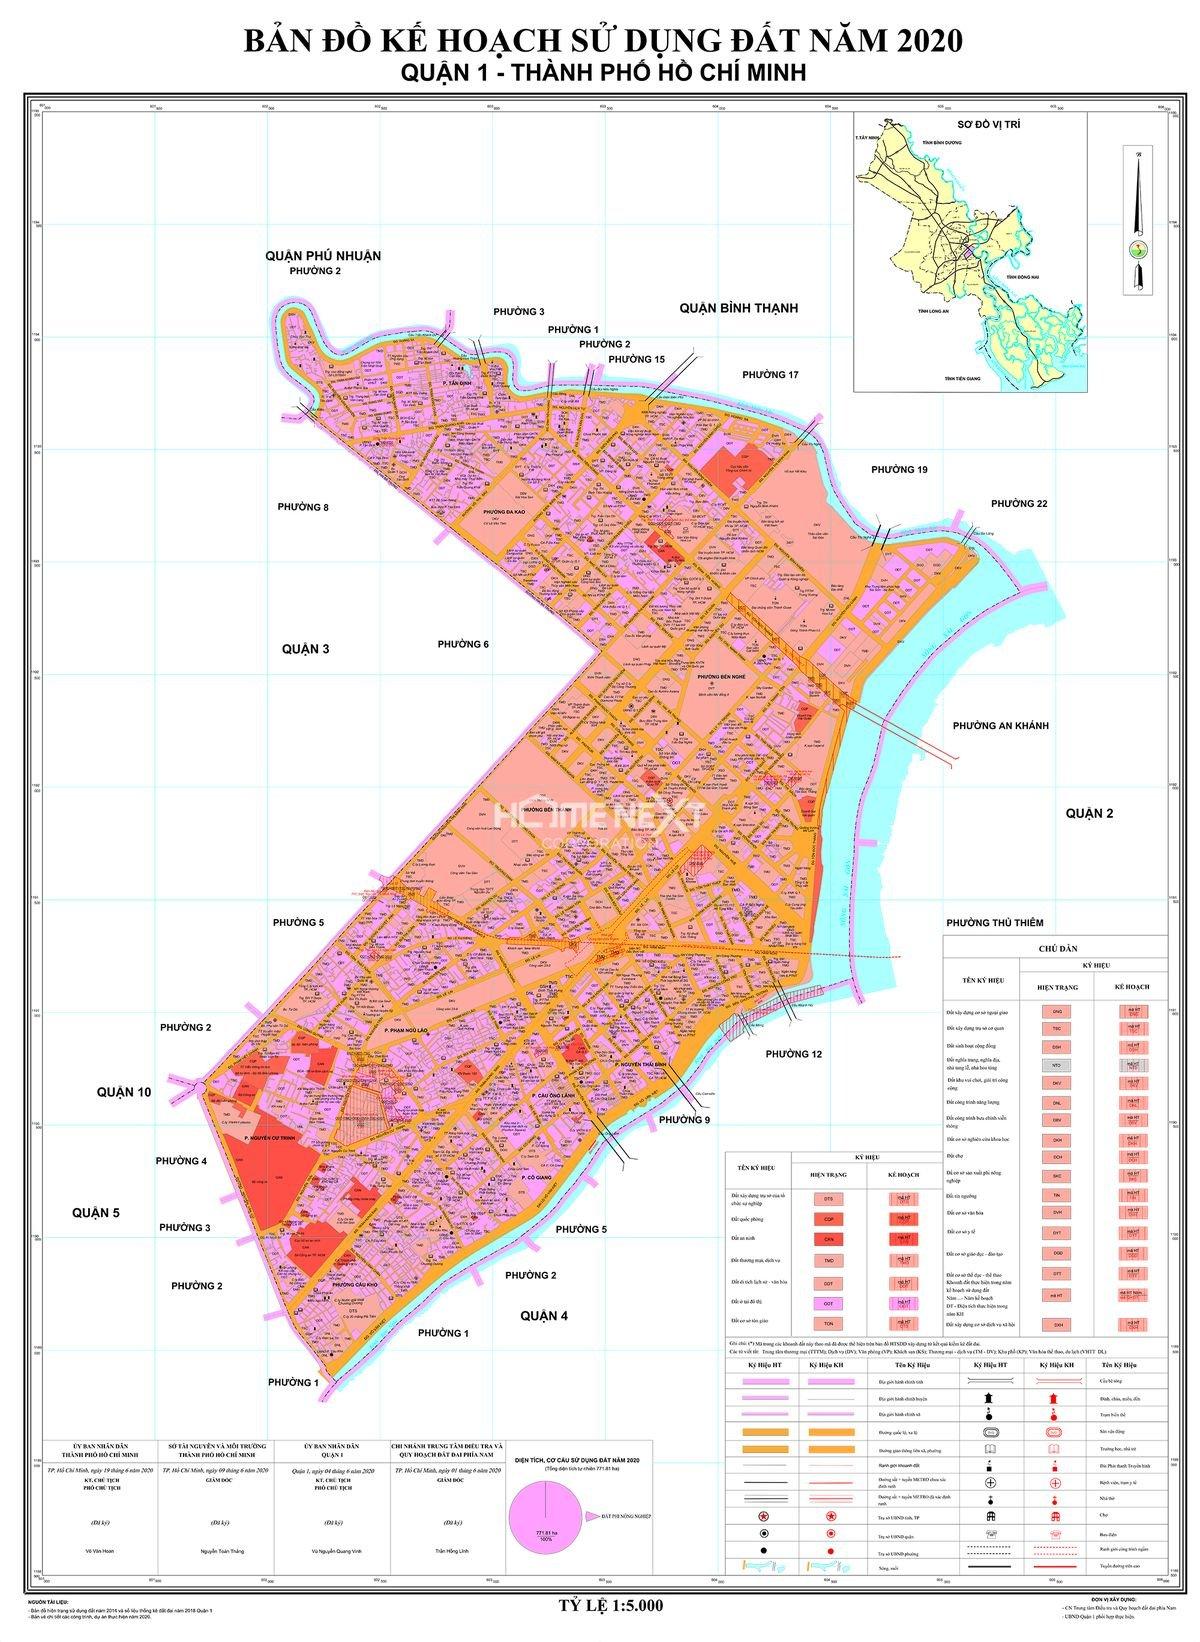 Bản đồ kế hoạch sử dụng đất Quận 1